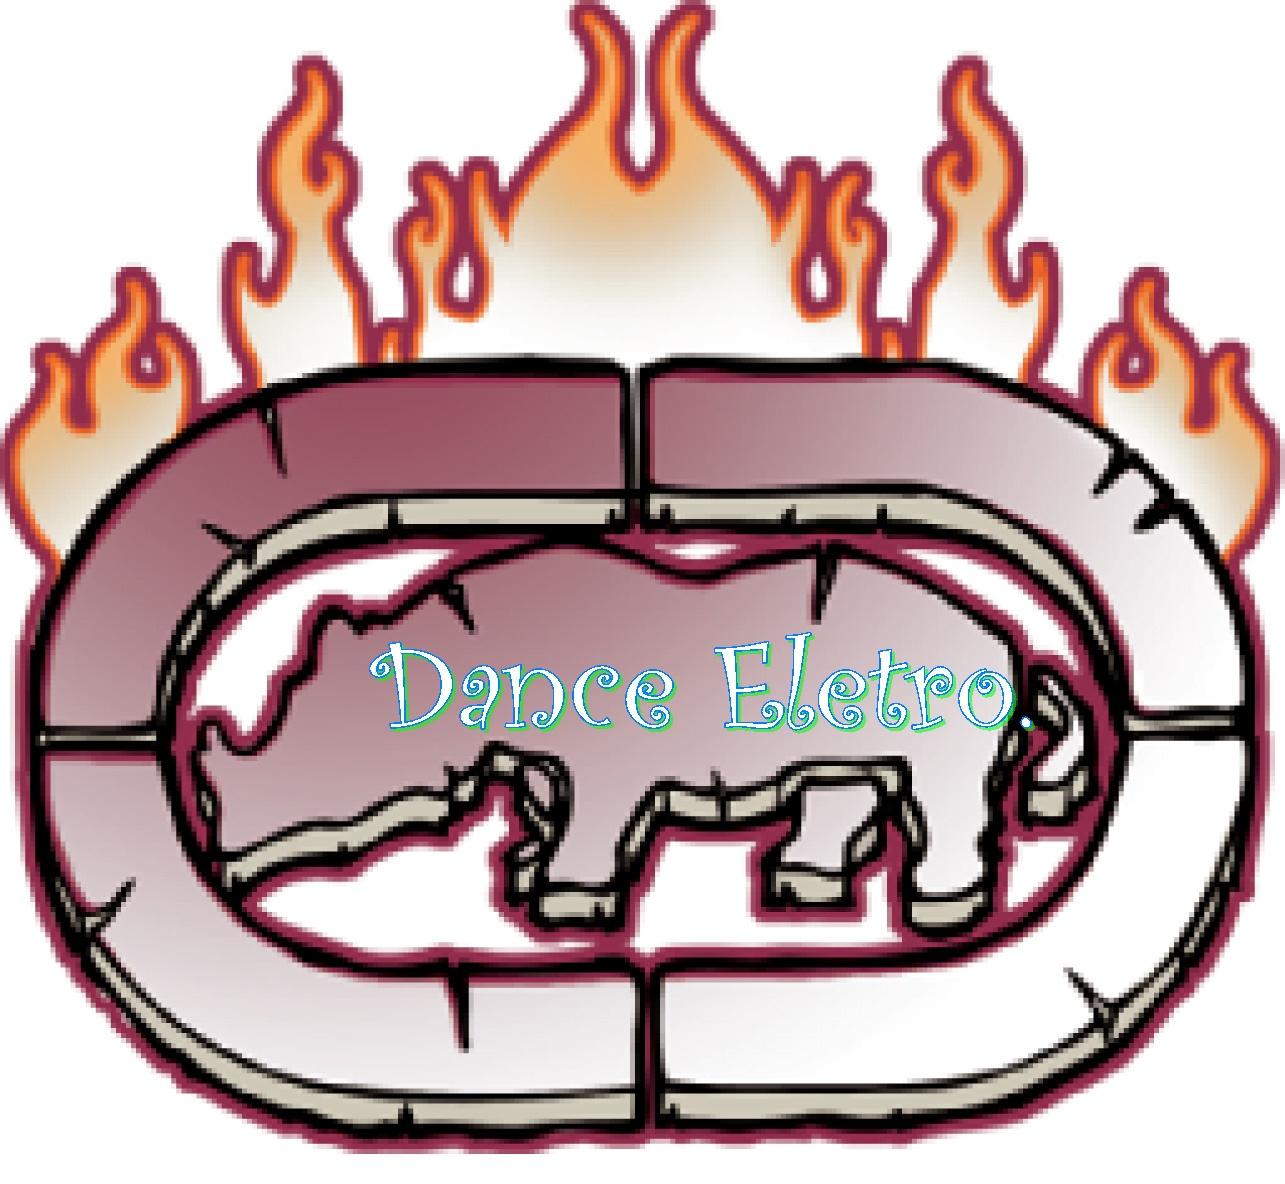 http://2.bp.blogspot.com/_X7bKMeHnP_k/TD-f2G74XBI/AAAAAAAAAII/UuLBpZSL6_M/s1600/ecko_unltd_tattoo-7.jpg